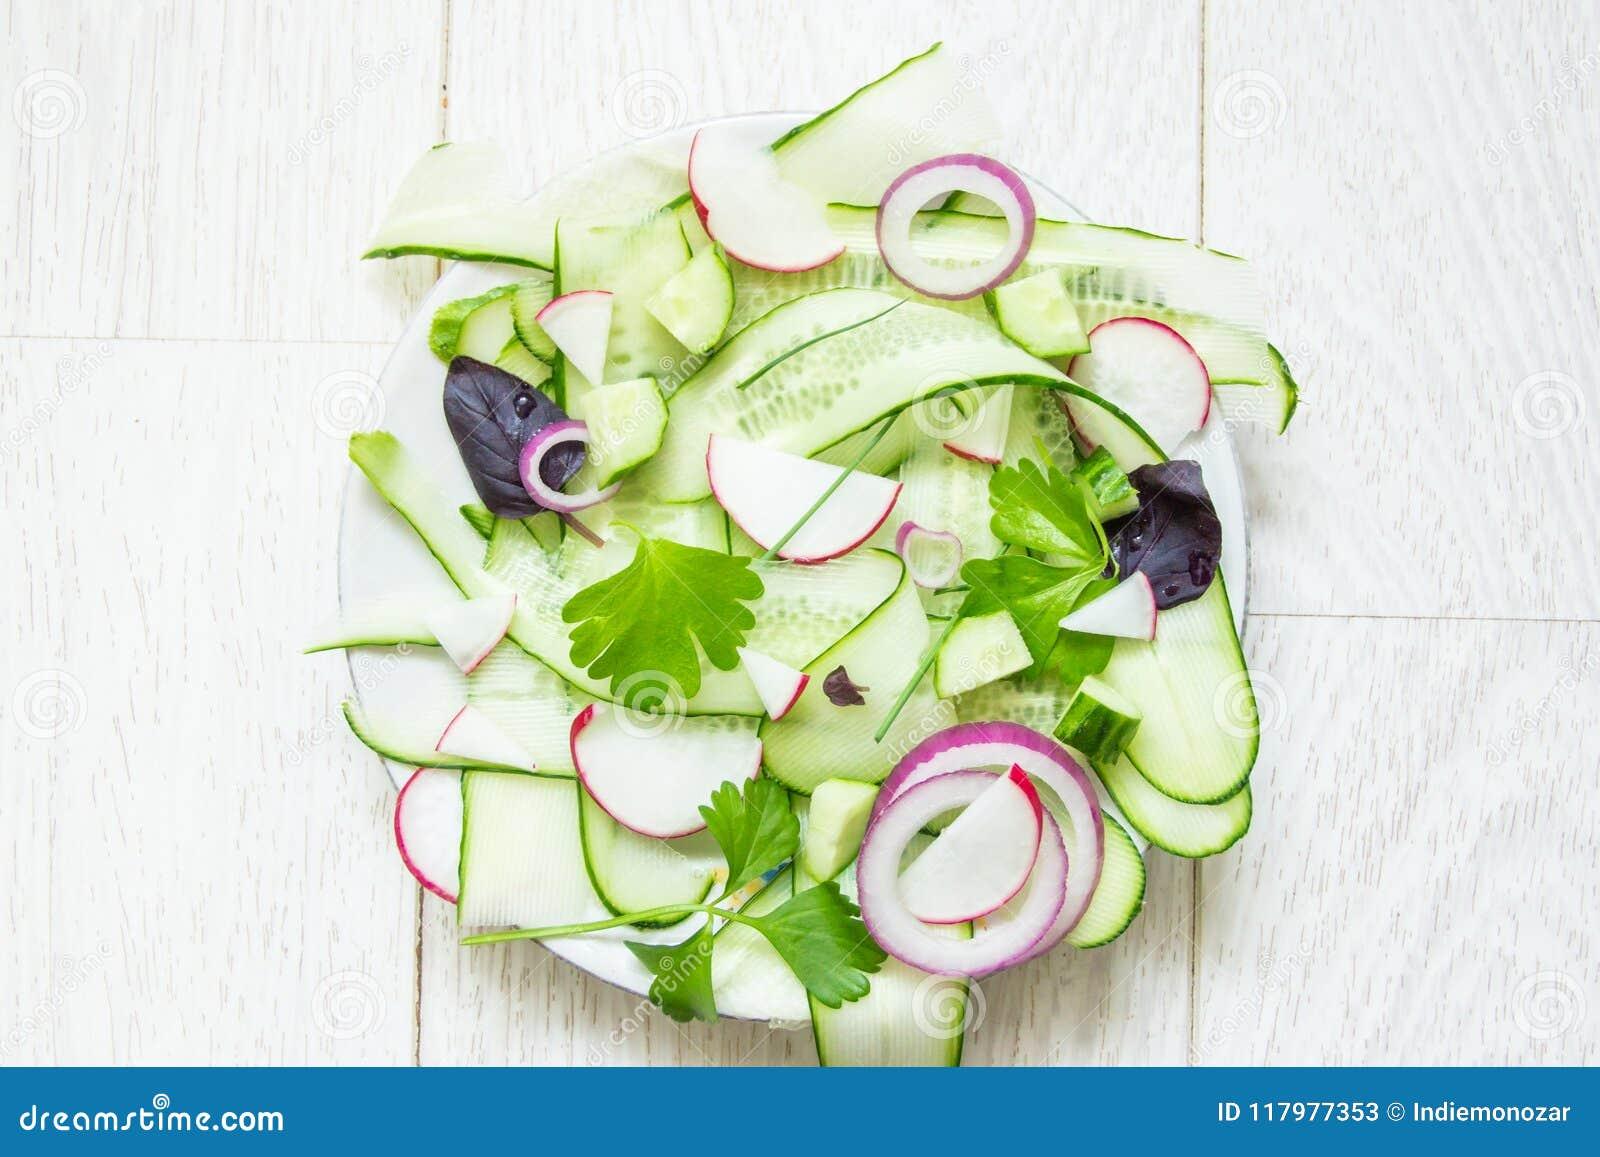 La ensalada verde fresca con el pepino fino cortado, rábano, cebolla roja y albahaca y apio joven se va en el fondo de madera bla